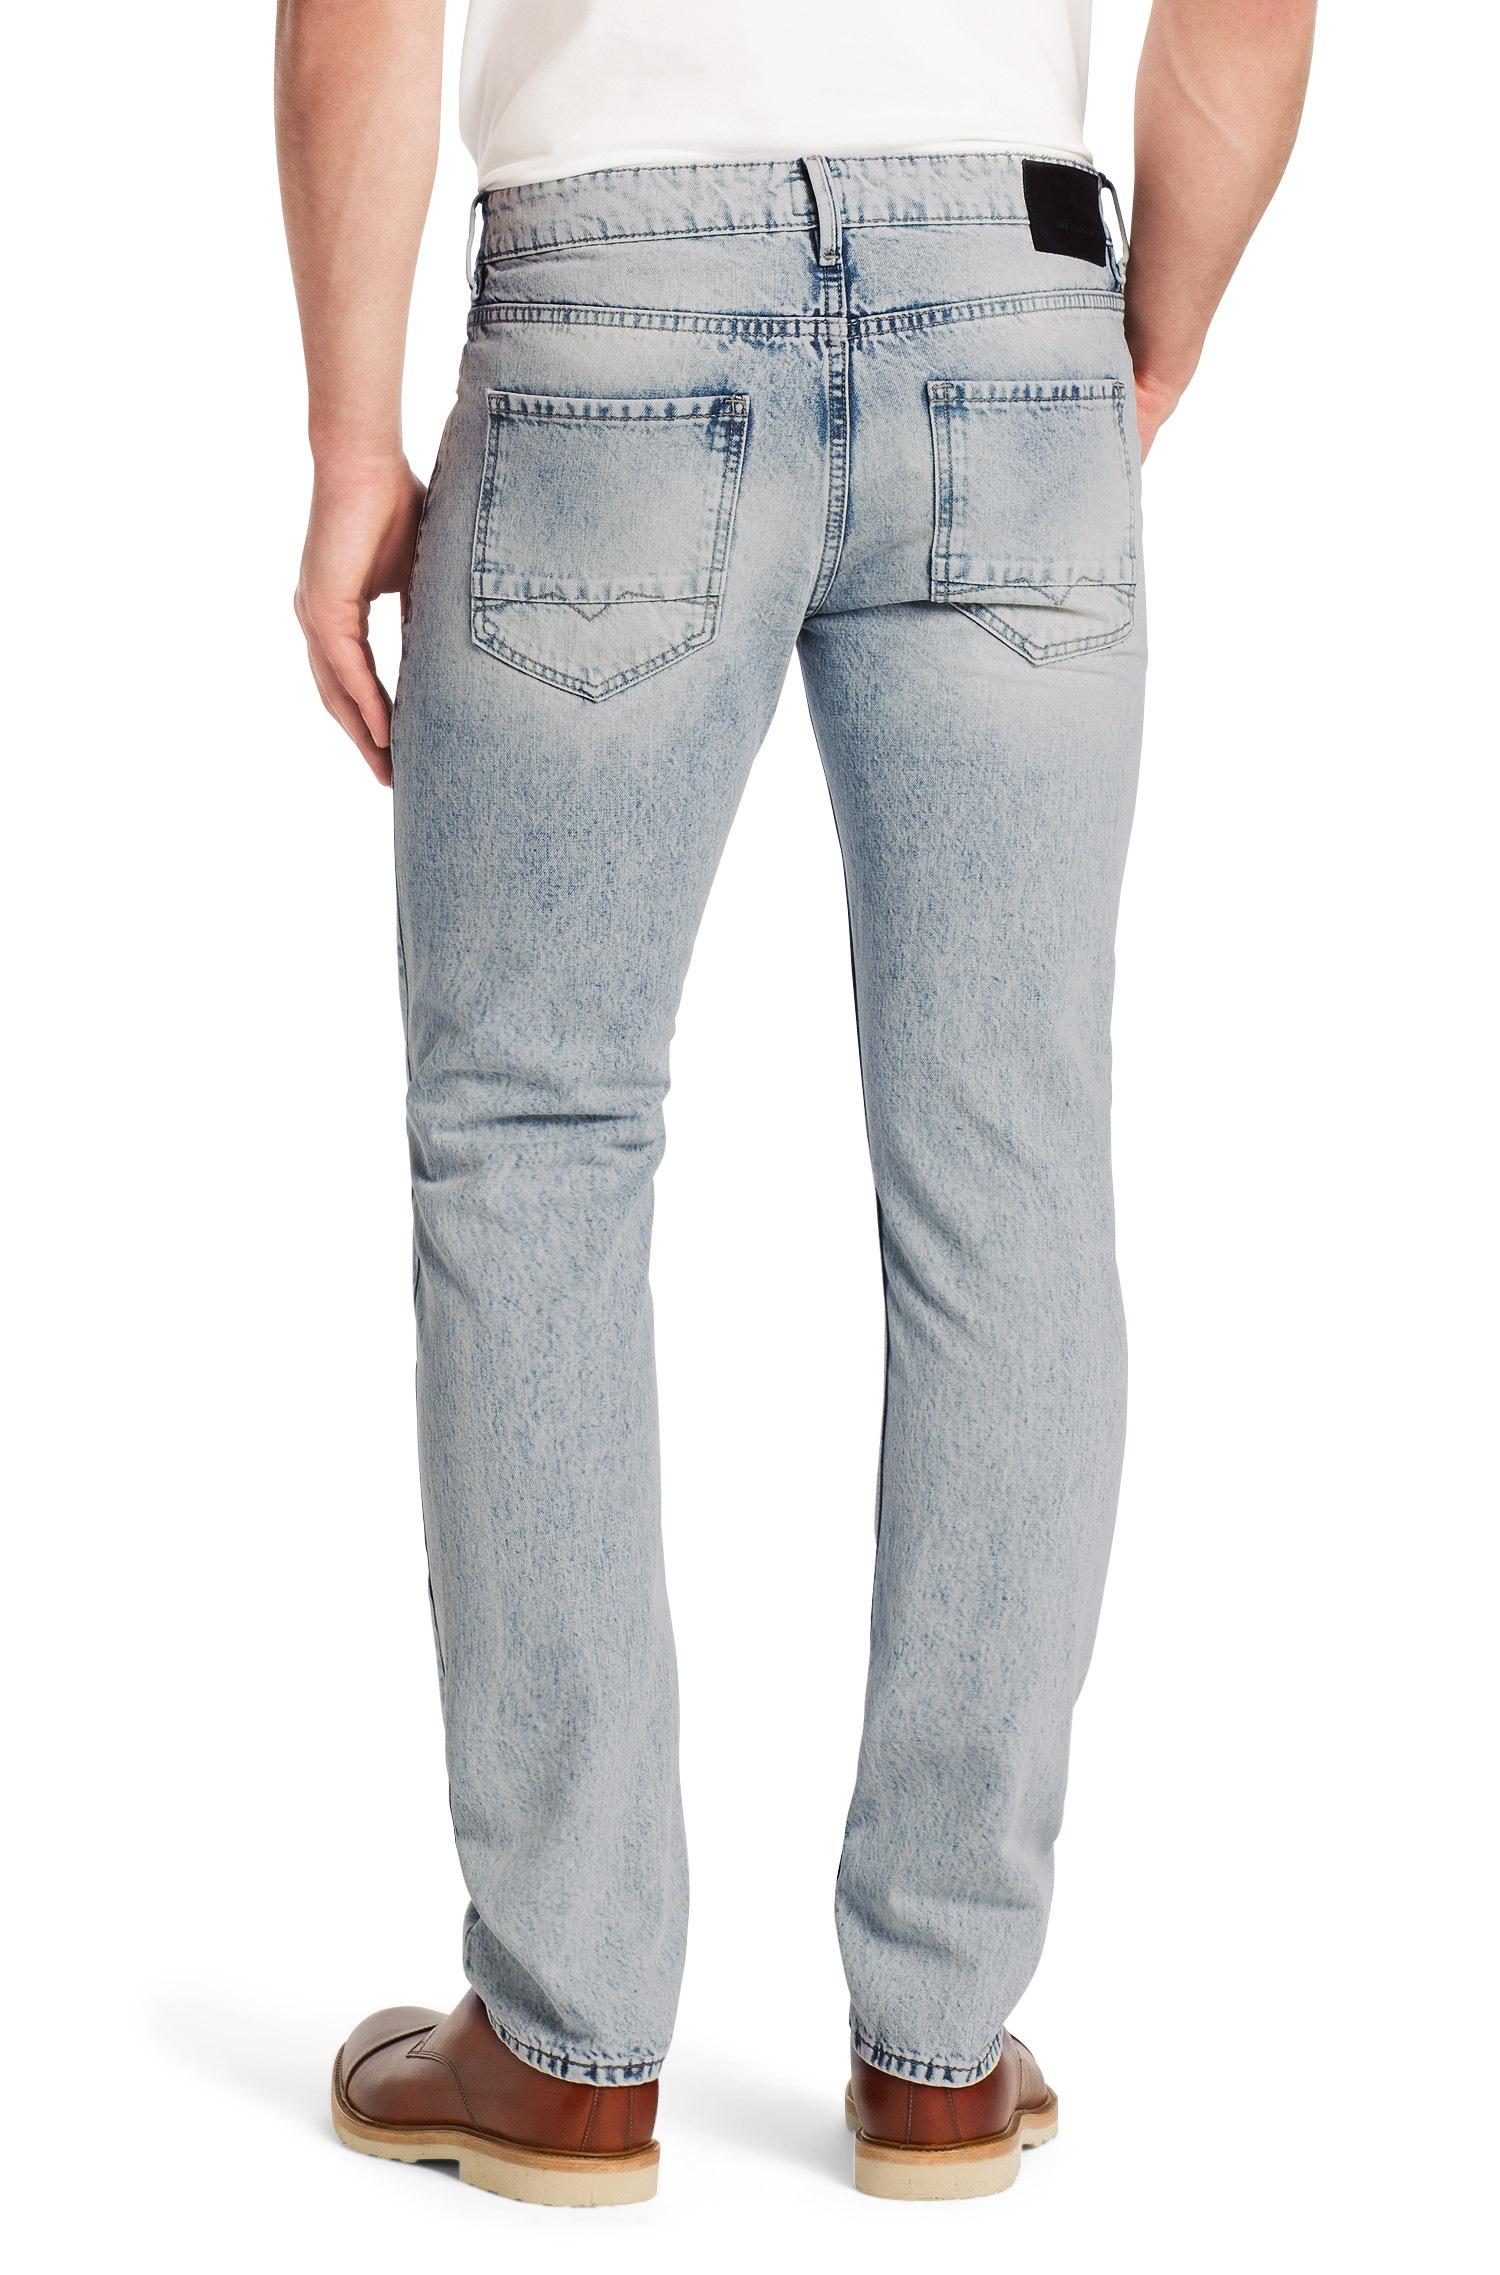 lyst boss orange jeans in mid wash regular fit in blue. Black Bedroom Furniture Sets. Home Design Ideas